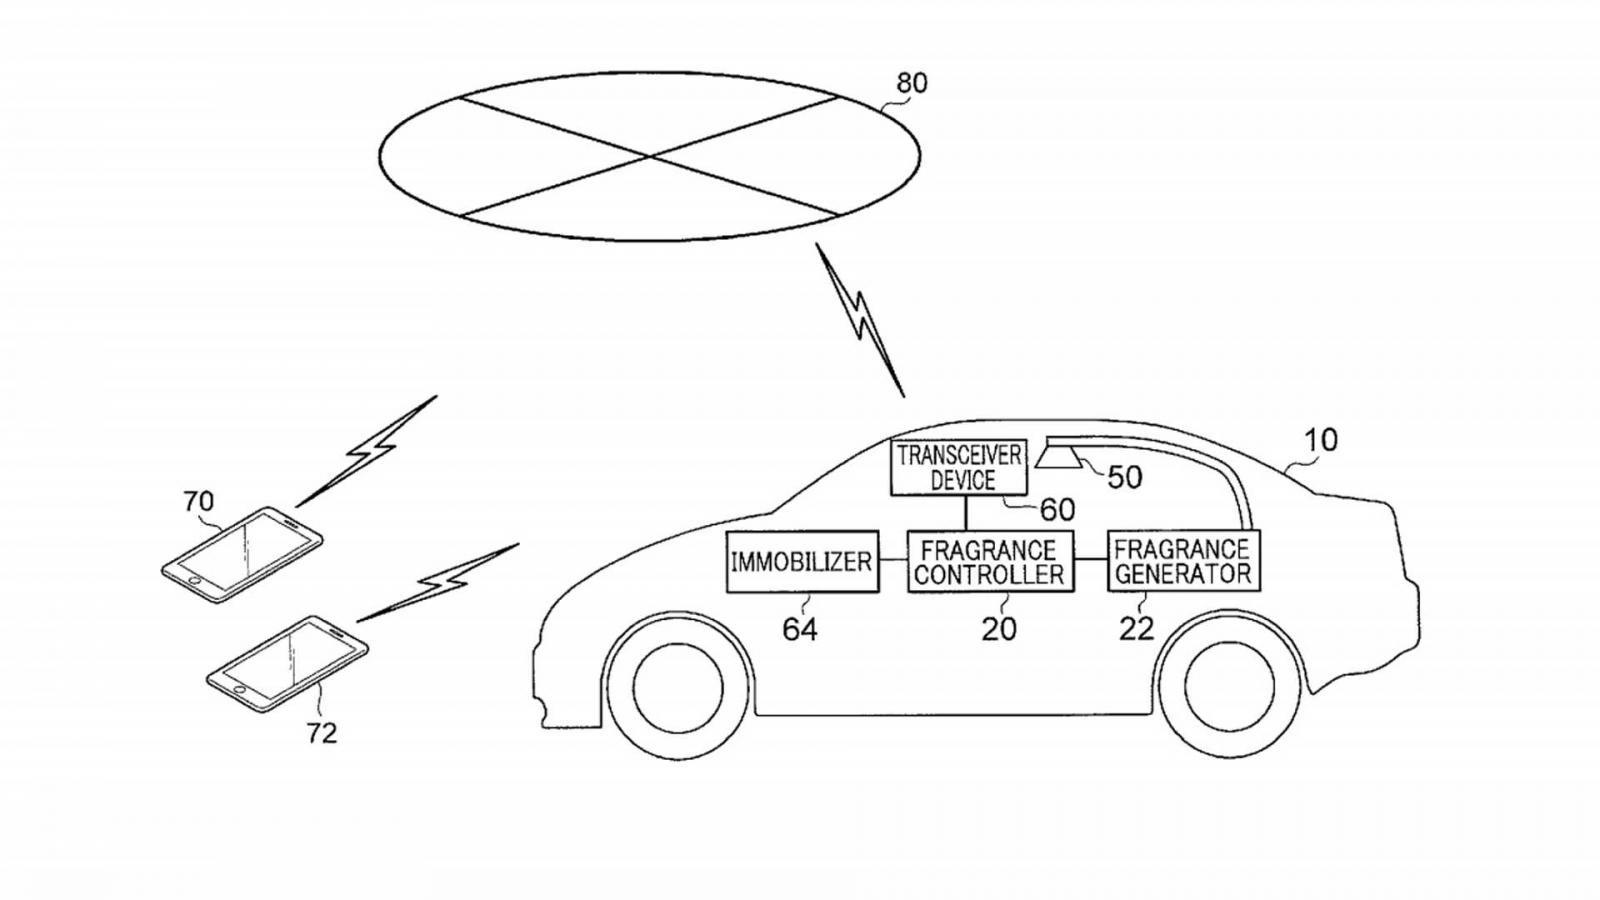 Hình ảnh giải thích hệ thống tỏa hương và xịt hơi cay của Toyota trong hồ sơ đăng ký bản quyền